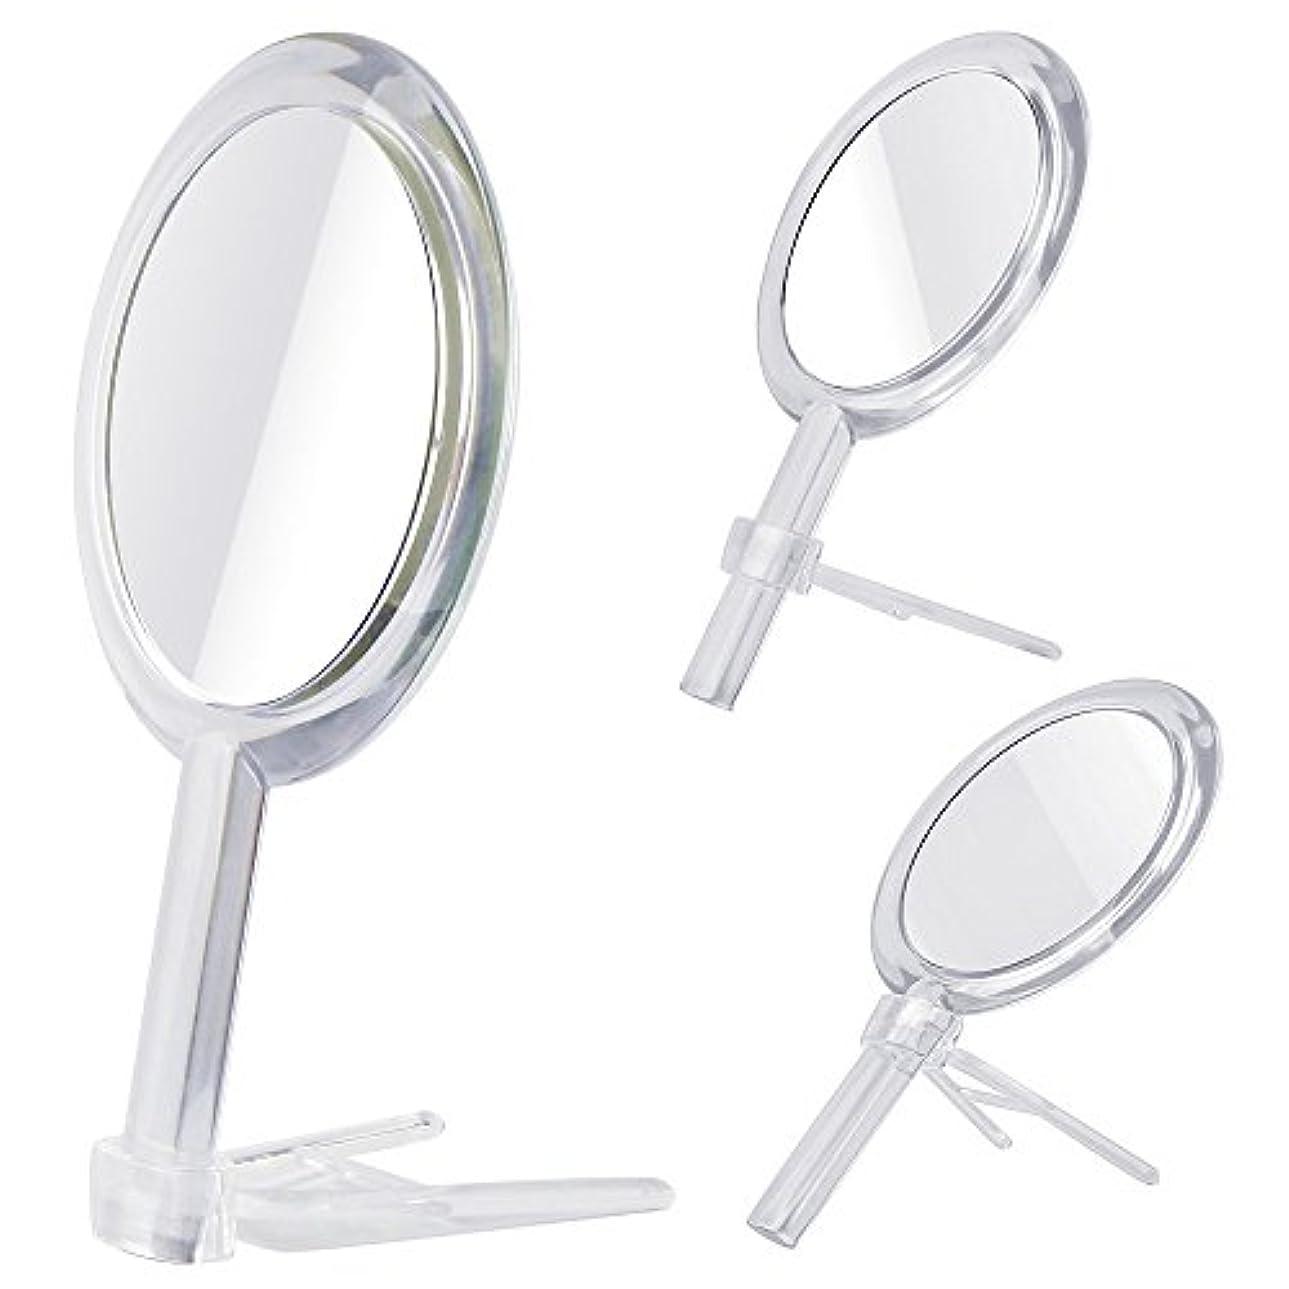 胚モンスター浮浪者Gotofine 両面鏡 手鏡 卓上鏡 7倍と等倍 ハンドミラー スタンドミラー 化粧鏡 メイク クリア 円形